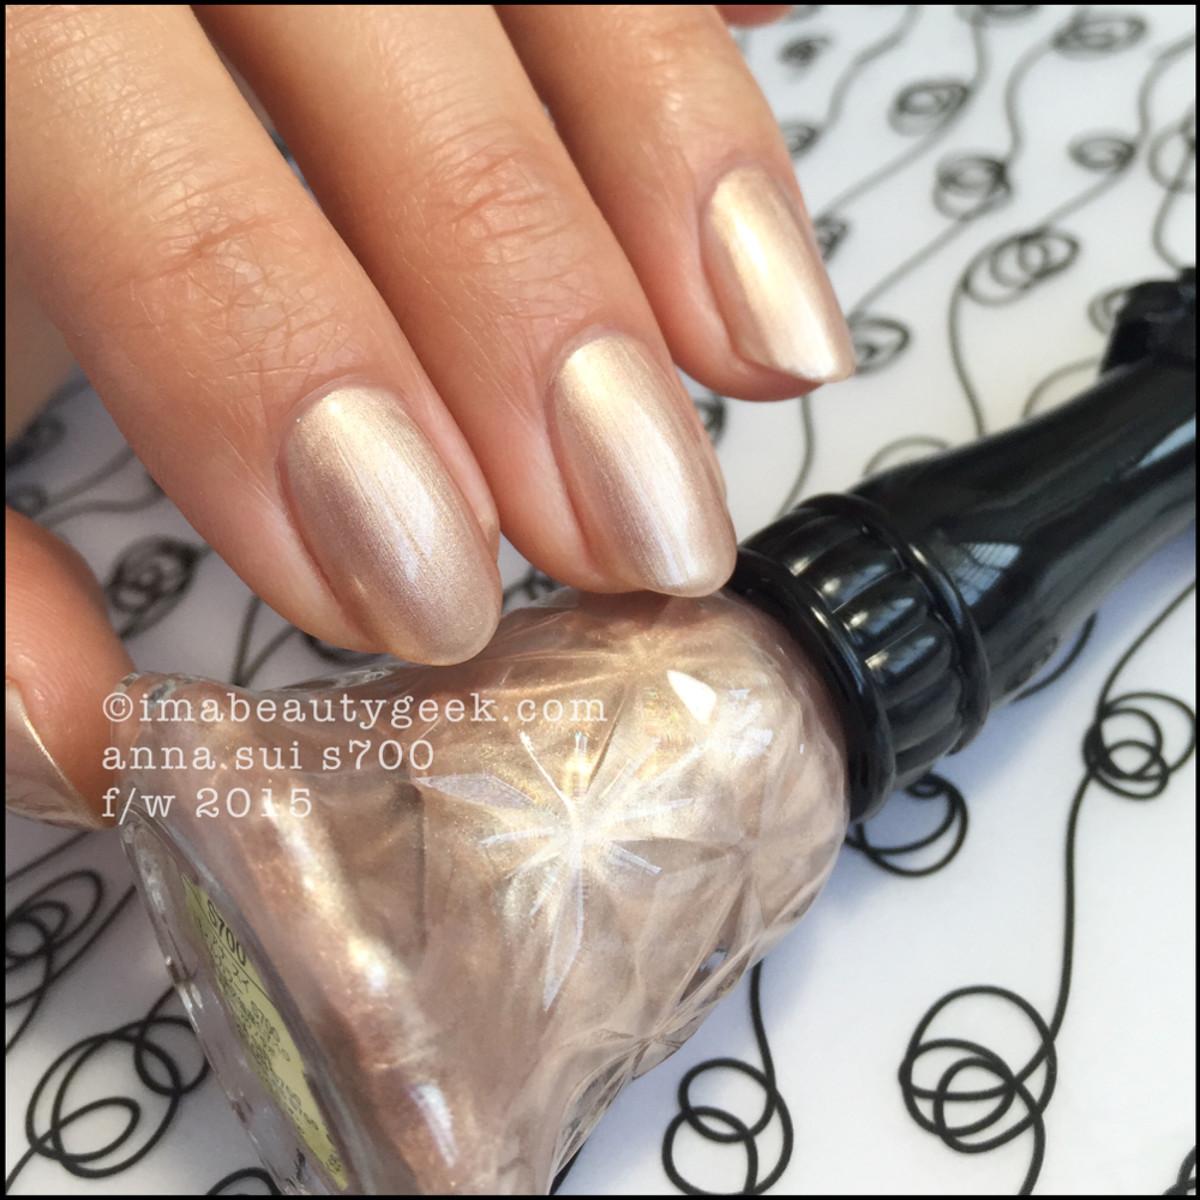 anna sui nail polish review